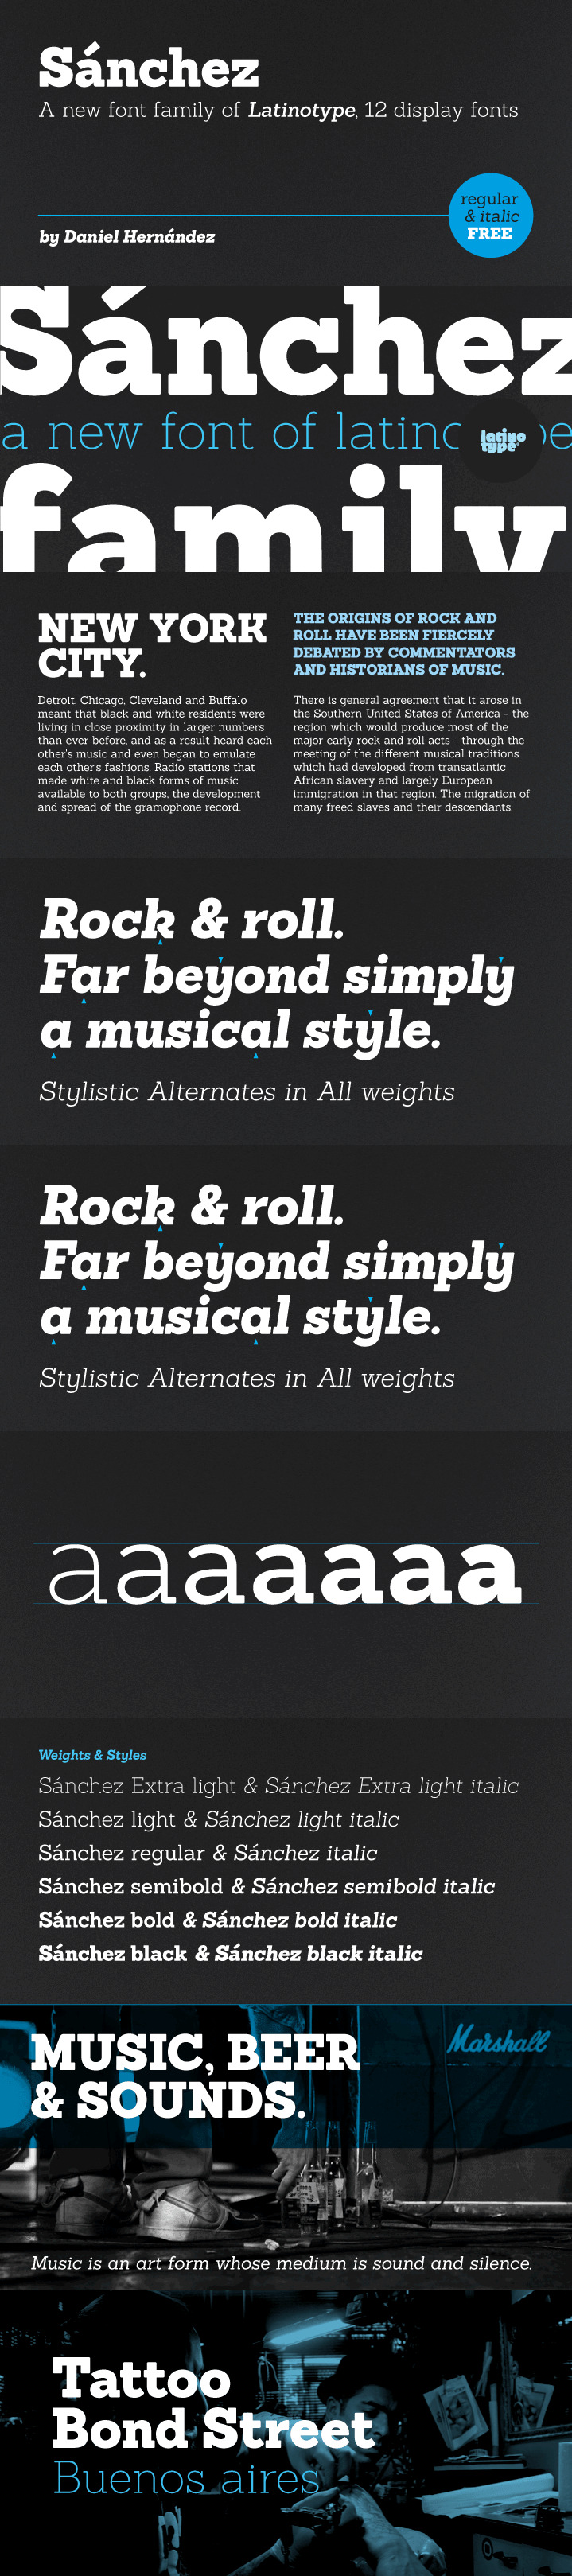 sanchez free font